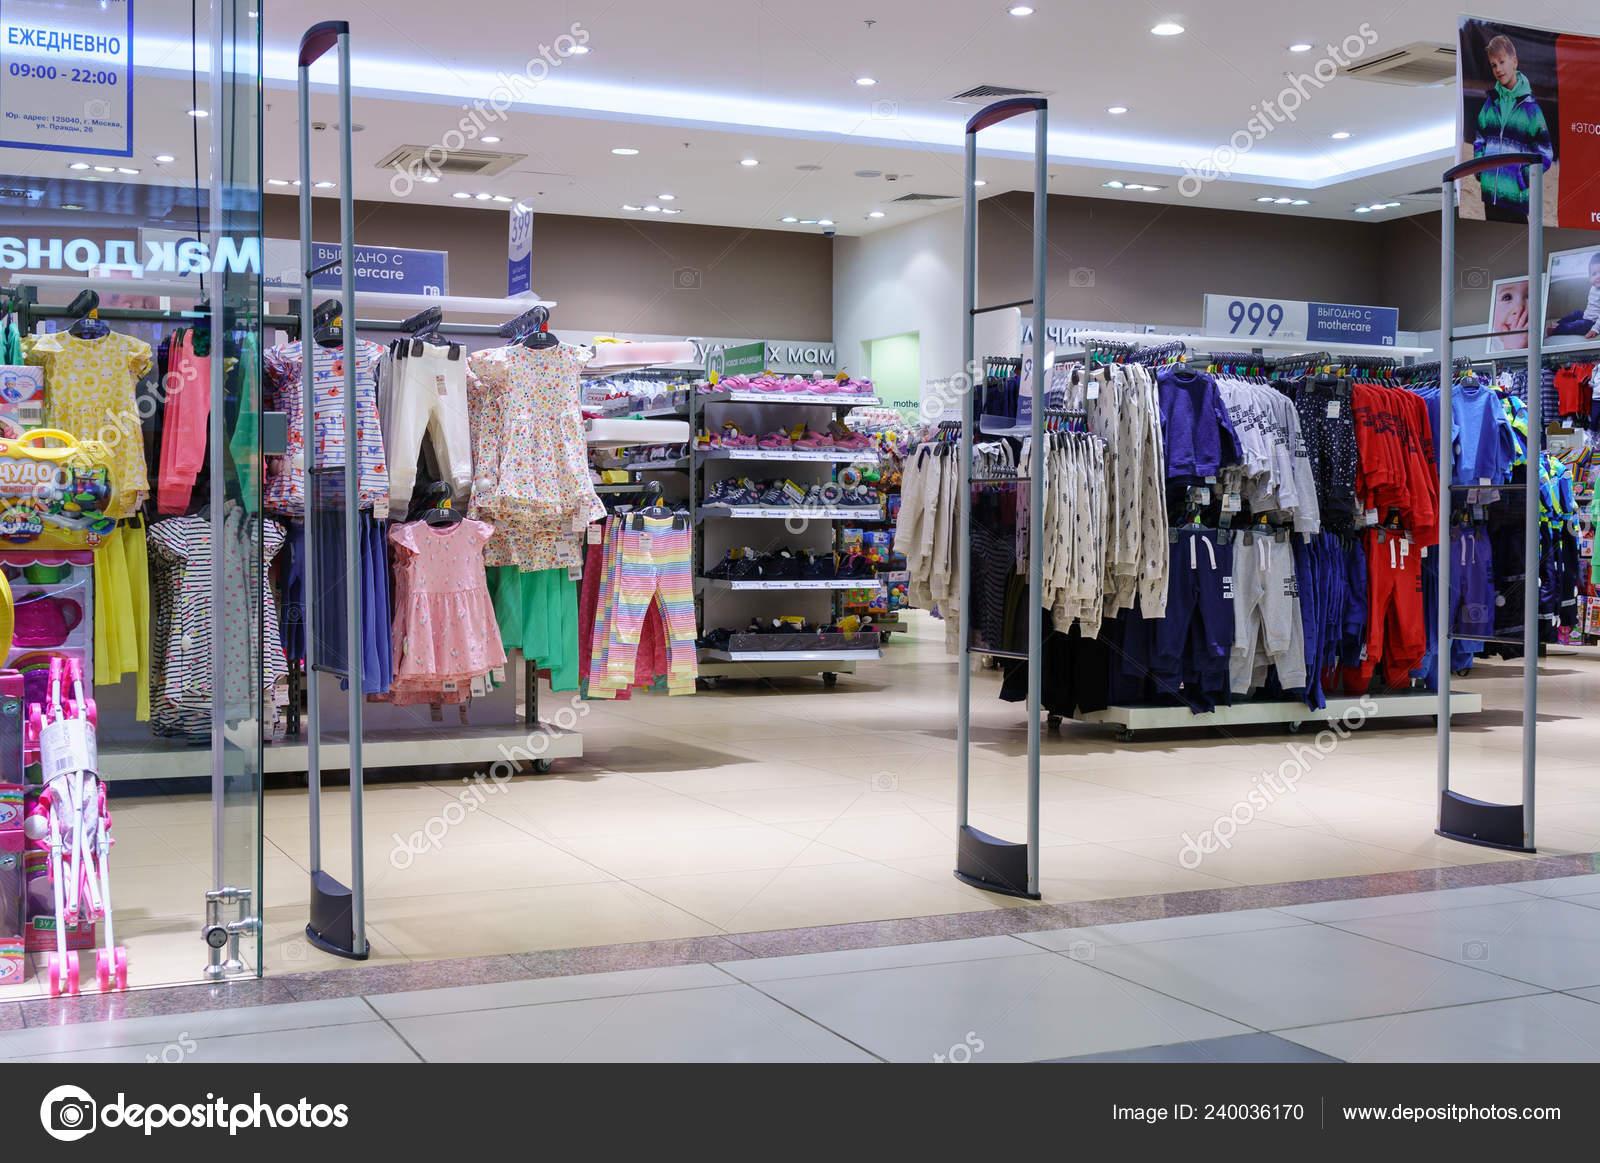 428df55cbb92 Москва, Россия, 13 марта 2018: Вход в магазин одежды Mothercare– Стоковая  редакционная фотография